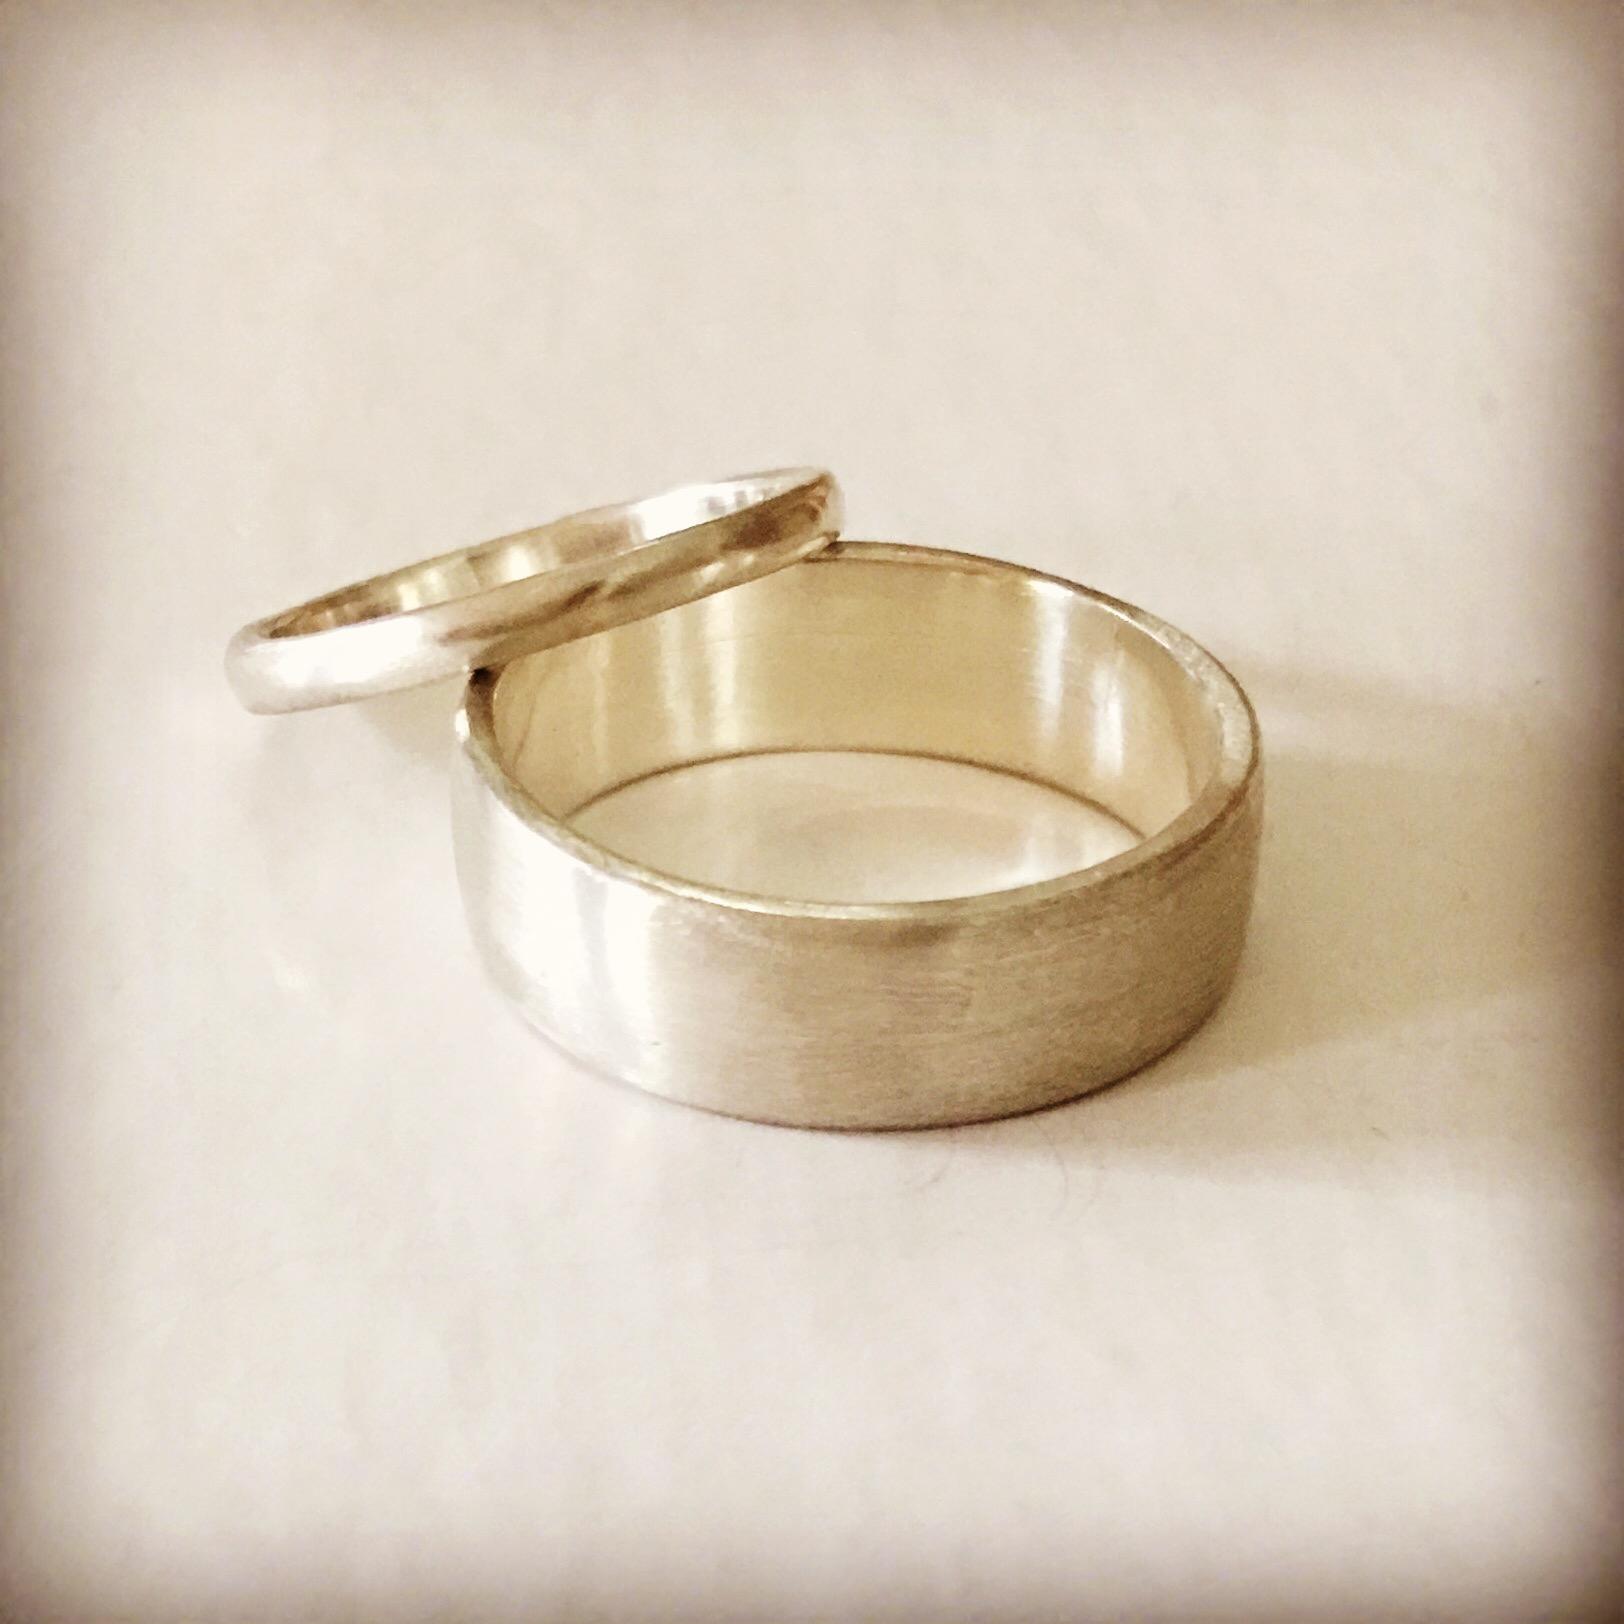 beth & nick's rings.jpg